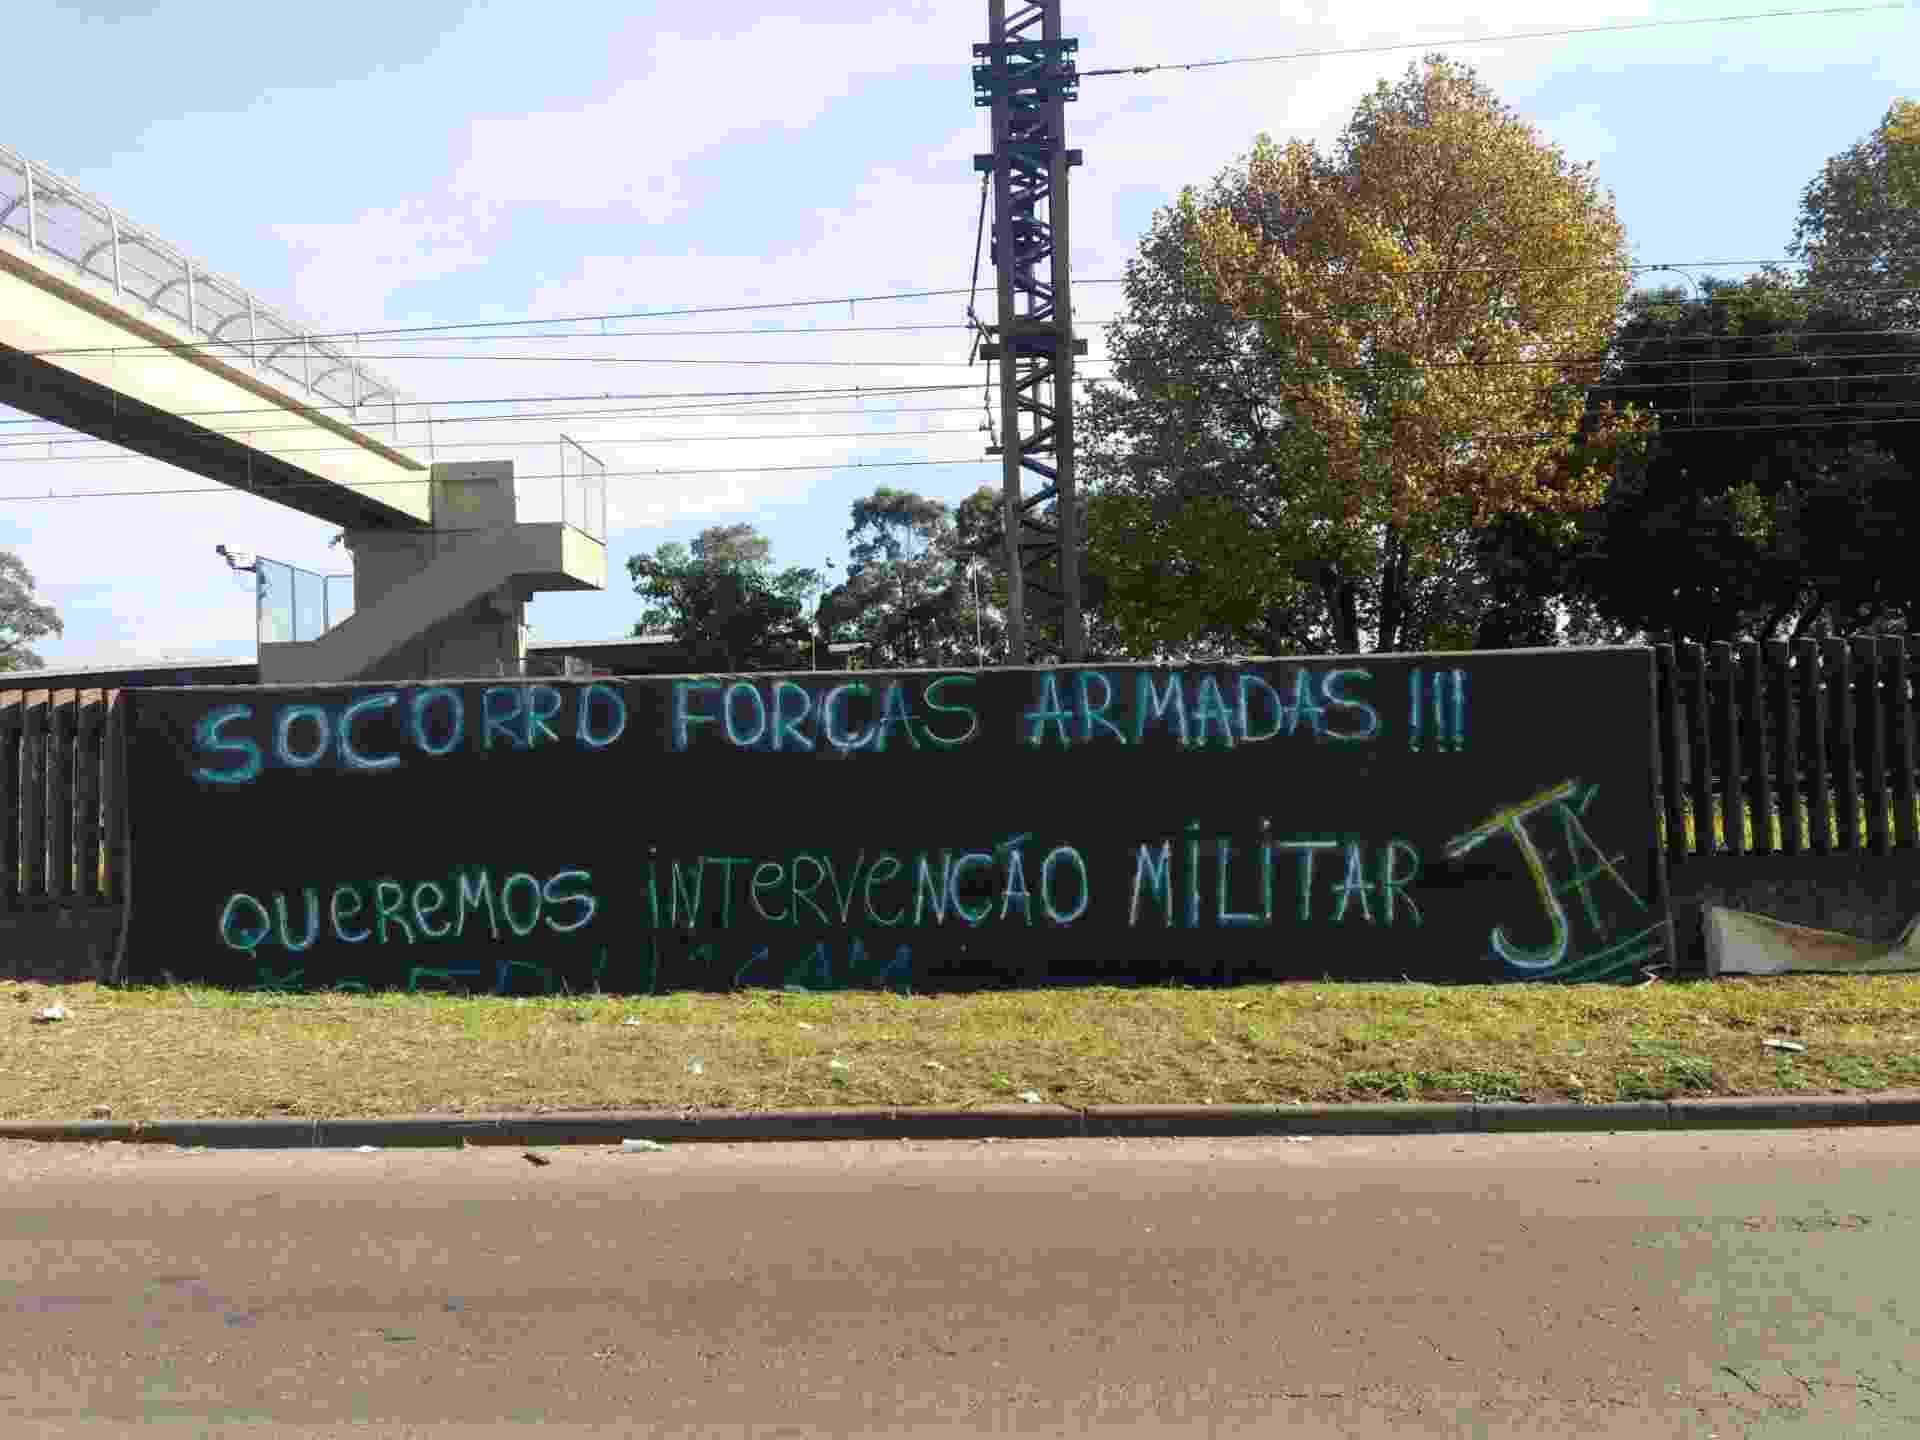 """Em frente à Refinaria Alberto Pasqualini (Refap) em Canoas, na região metropolitana de Porto Alegre (RS), manifestantes que apoiam a greve dos caminhoneiros colocaram uma mensagem no muro da Trensurb na qual pedem """"socorro às Forças Armadas"""" do país - Luciano Nagel"""